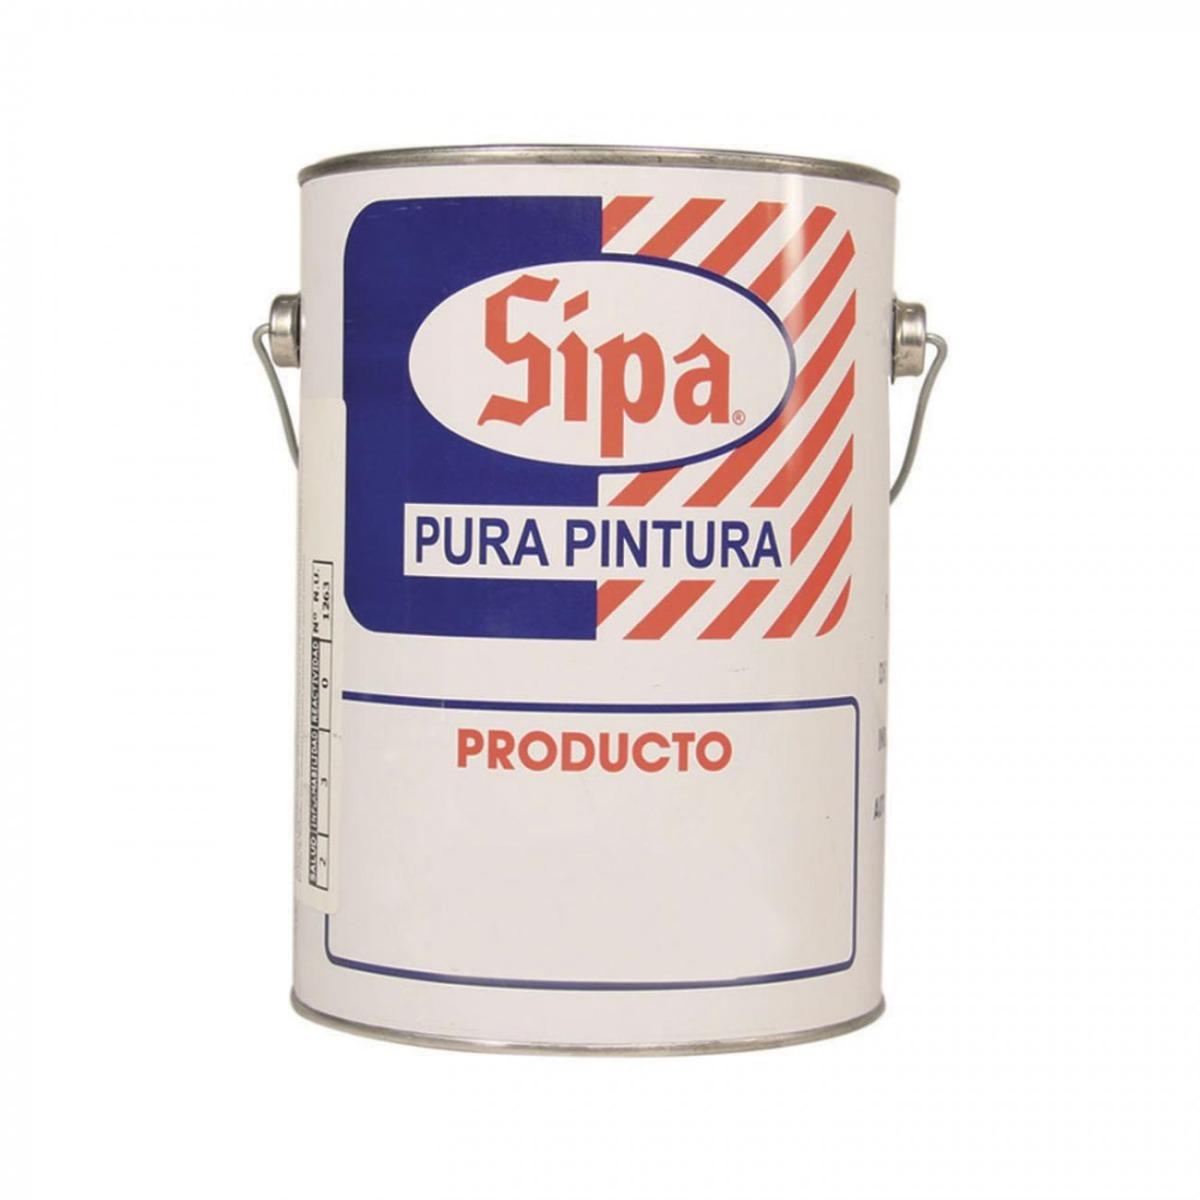 ESMALTE SECADO RAPIDO AZUL SIPA (46296601)